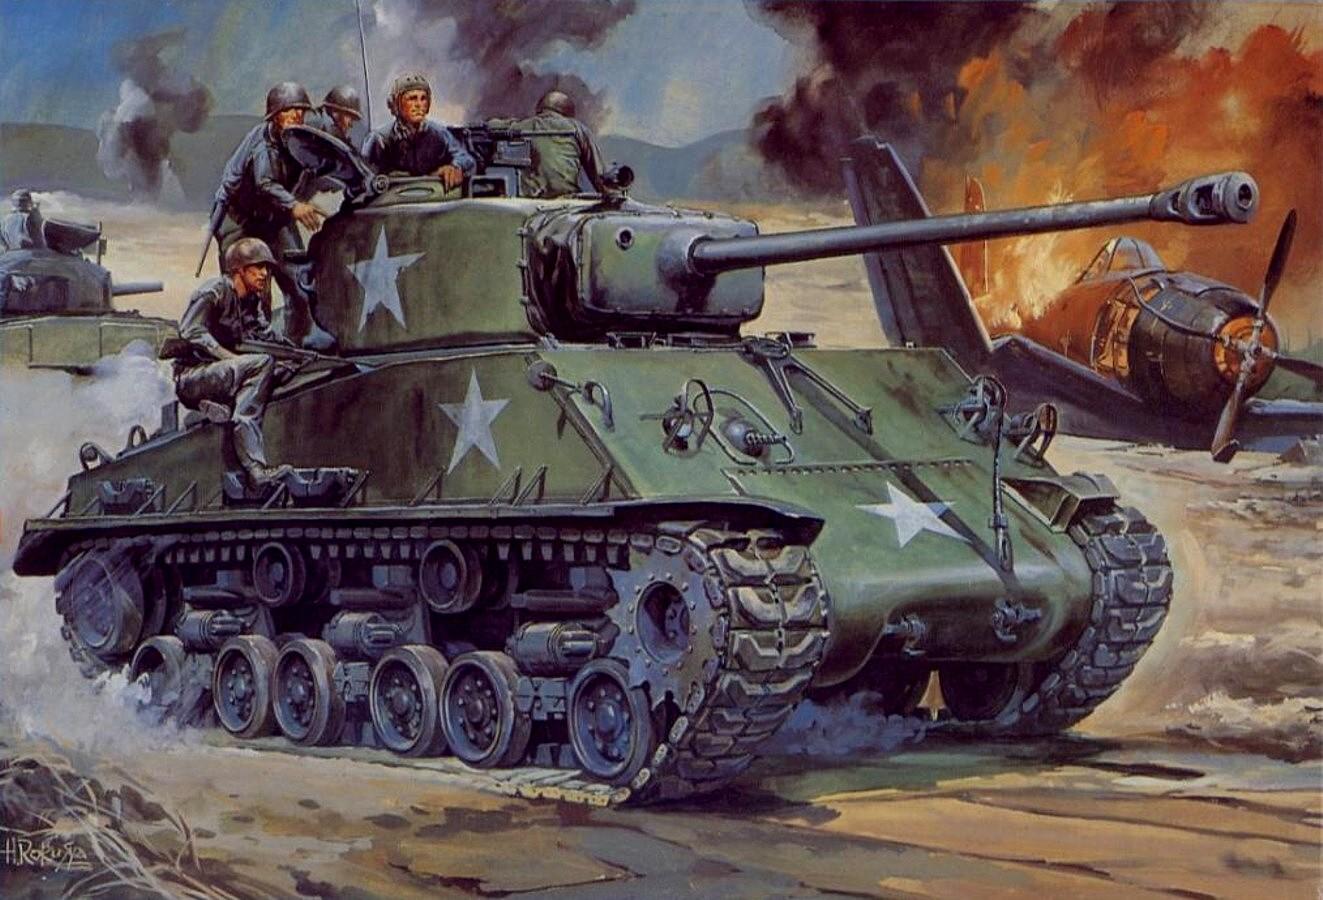 Atractivo Tanque De Ejército Para Colorear Imágenes - Ideas Para ...